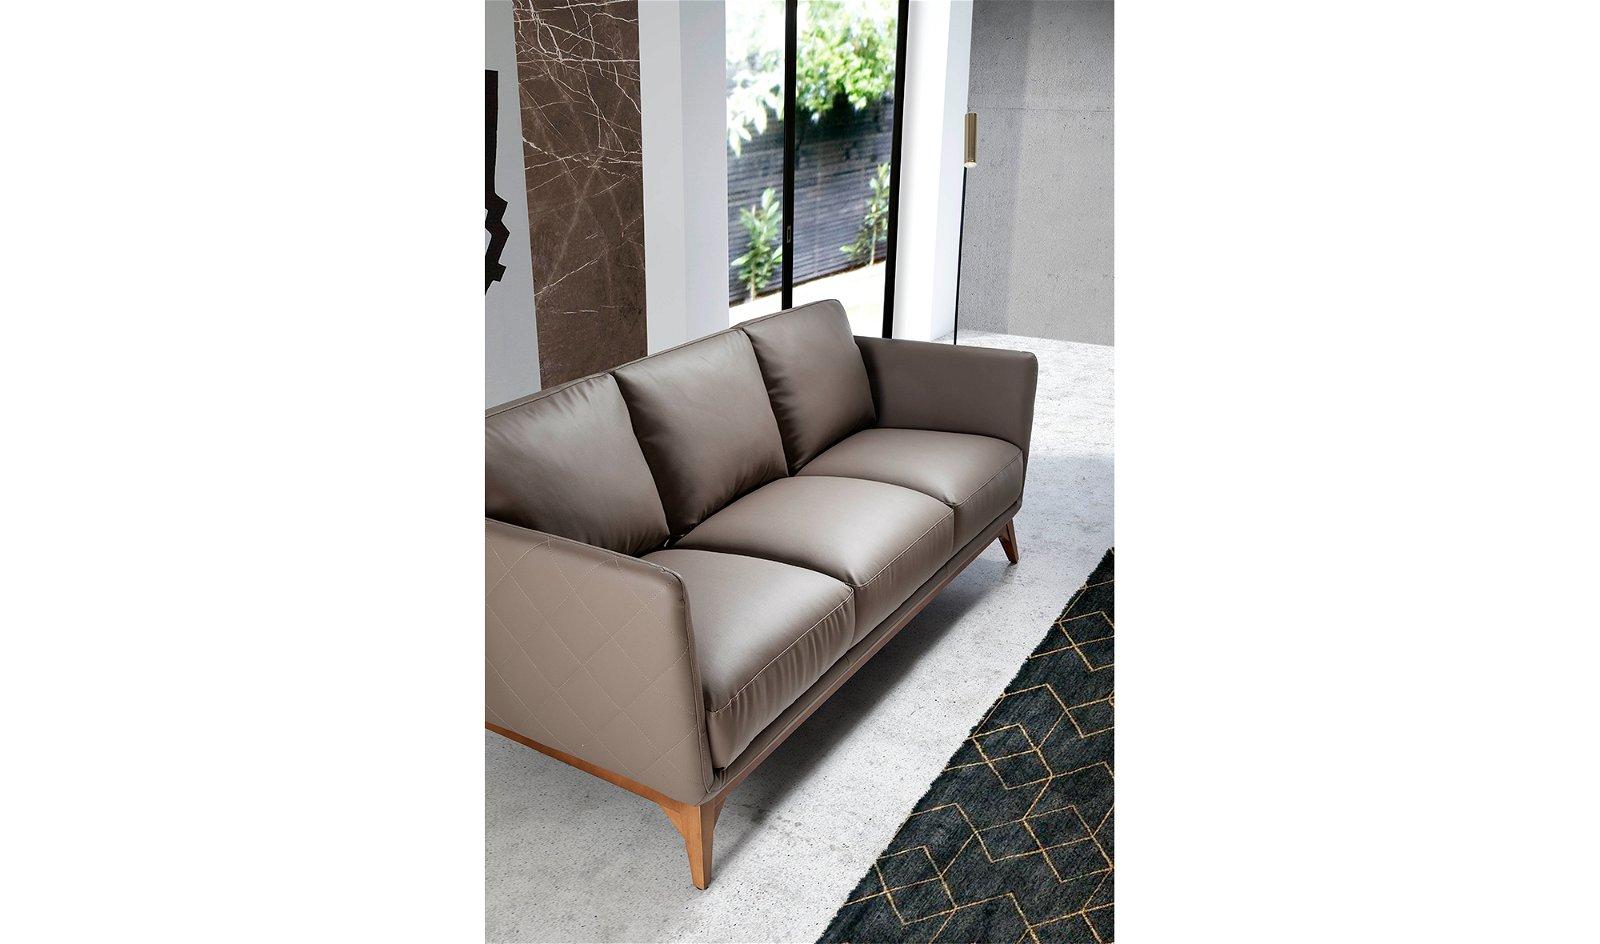 Sofá moderno nogal y piel Lavaredo